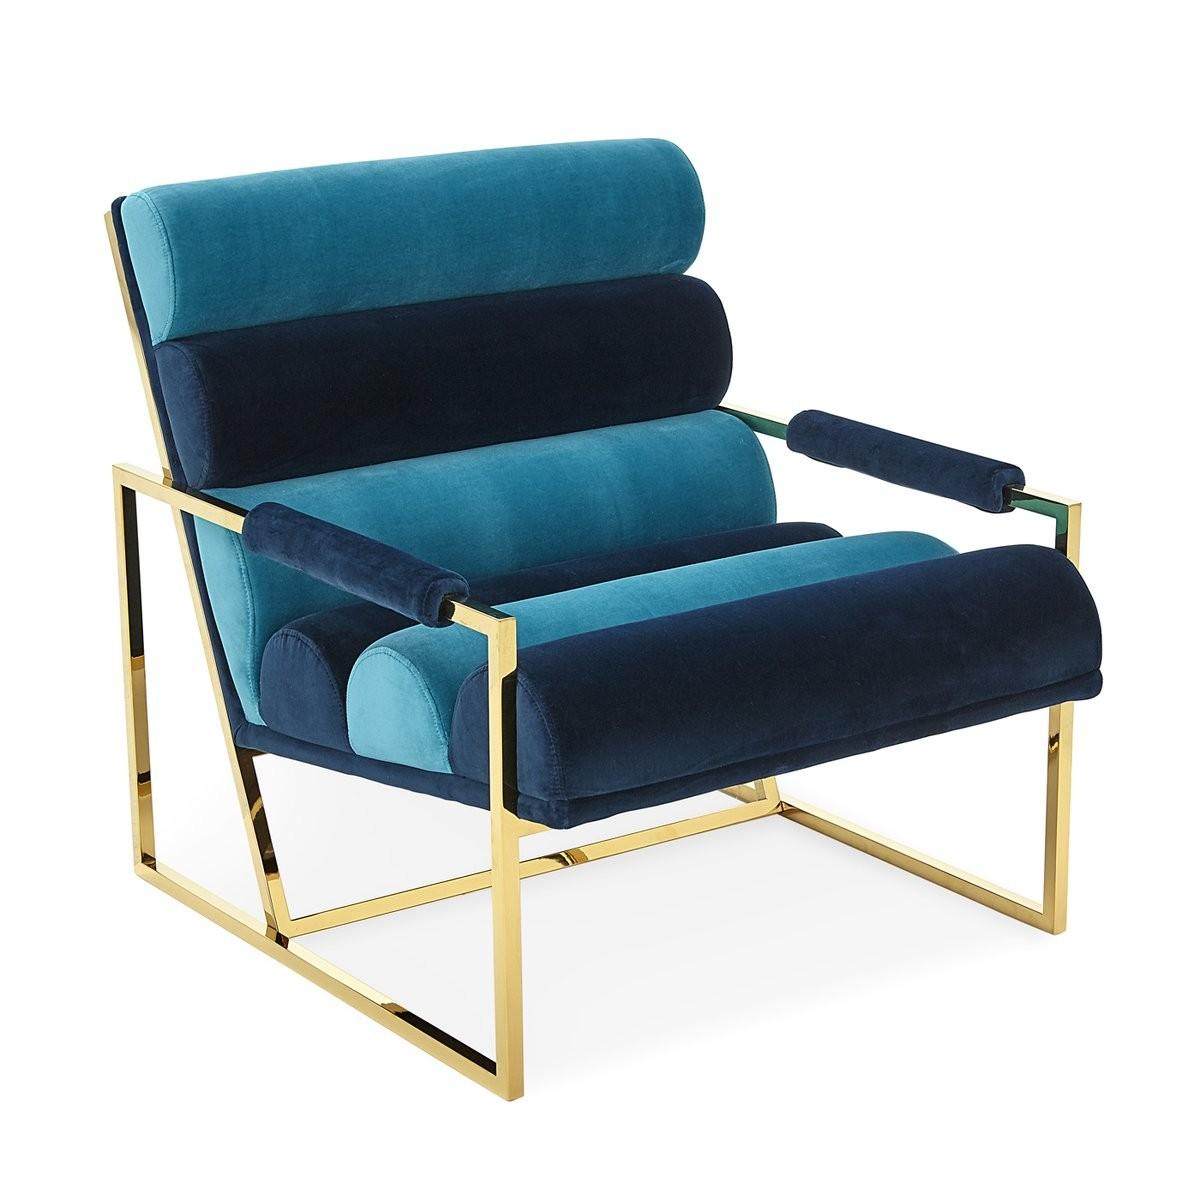 Jonathan Adler I Channeled Goldfinger Lounge Chair I Rialto Navy/ Rialto